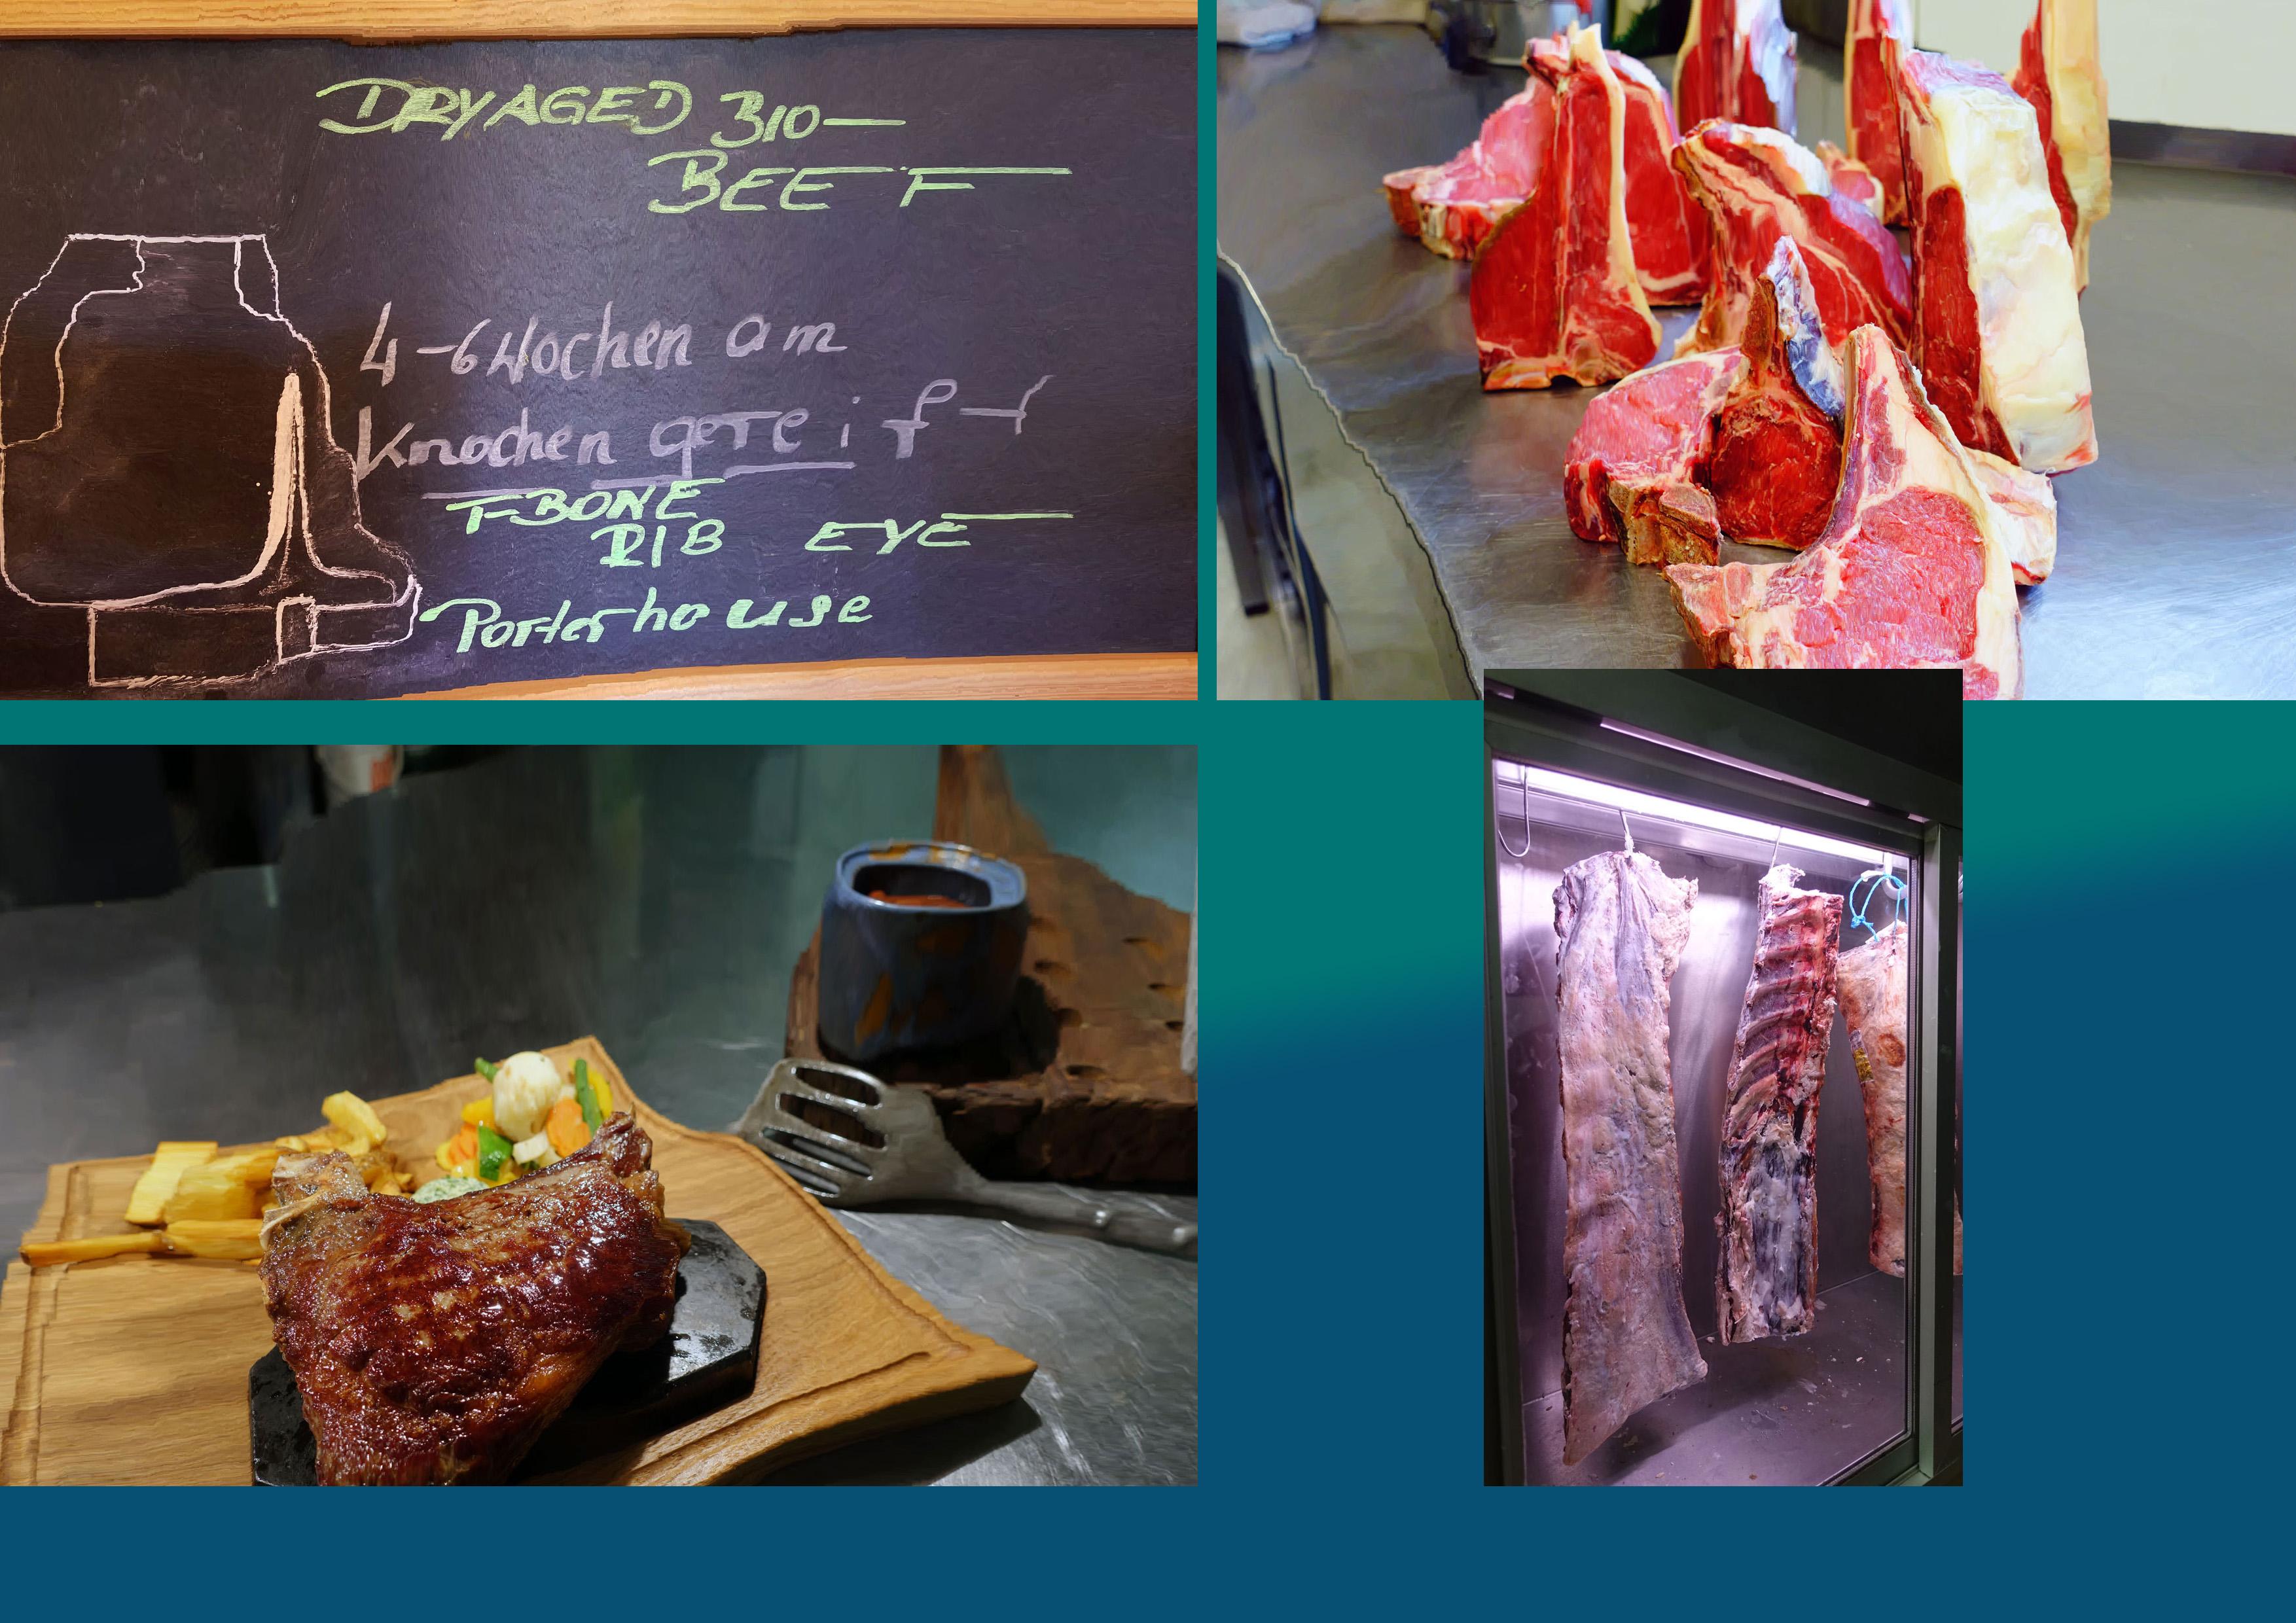 Steak Wochen im Bertahof Bad Hofgastein